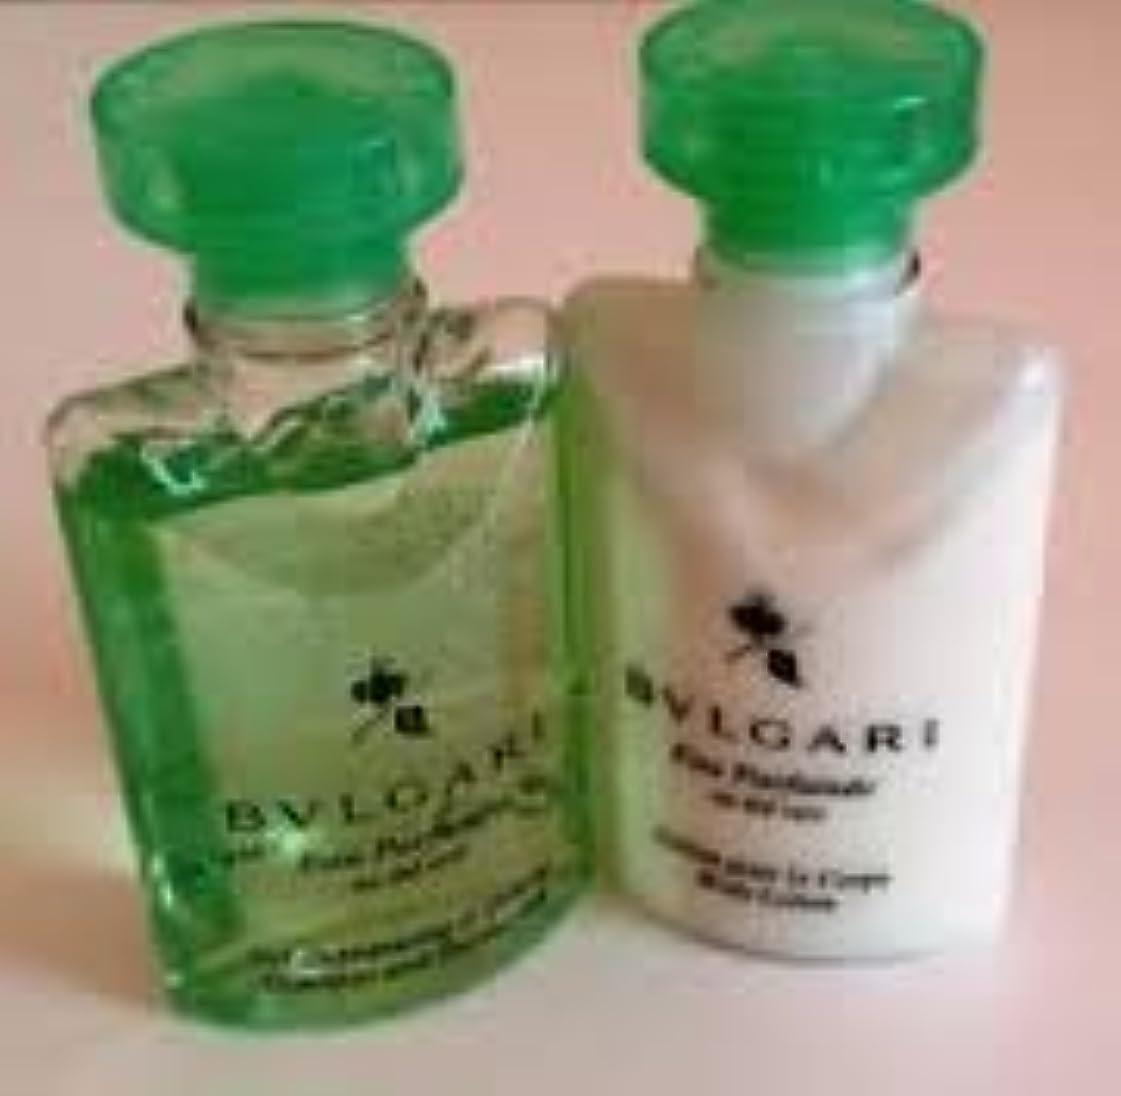 社会学エンドウパラダイスBvlgari Eau Parfumee au the vert (ブルガリ オー パフュ-メ オウ ザ バート / グリーン ティー) 2.5 oz (75ml) シャンプー & ヘアーコンディショナー